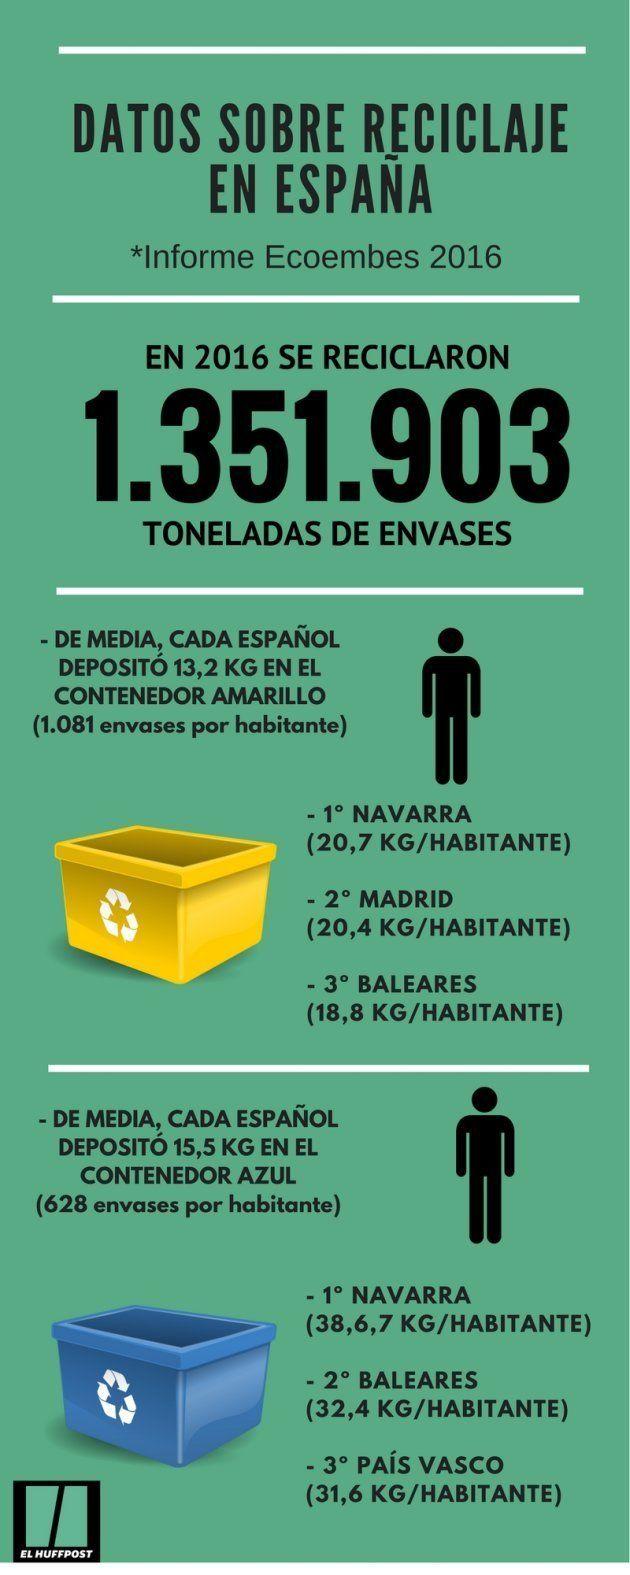 La tasa de reciclaje en España crece más de un 70% en dos